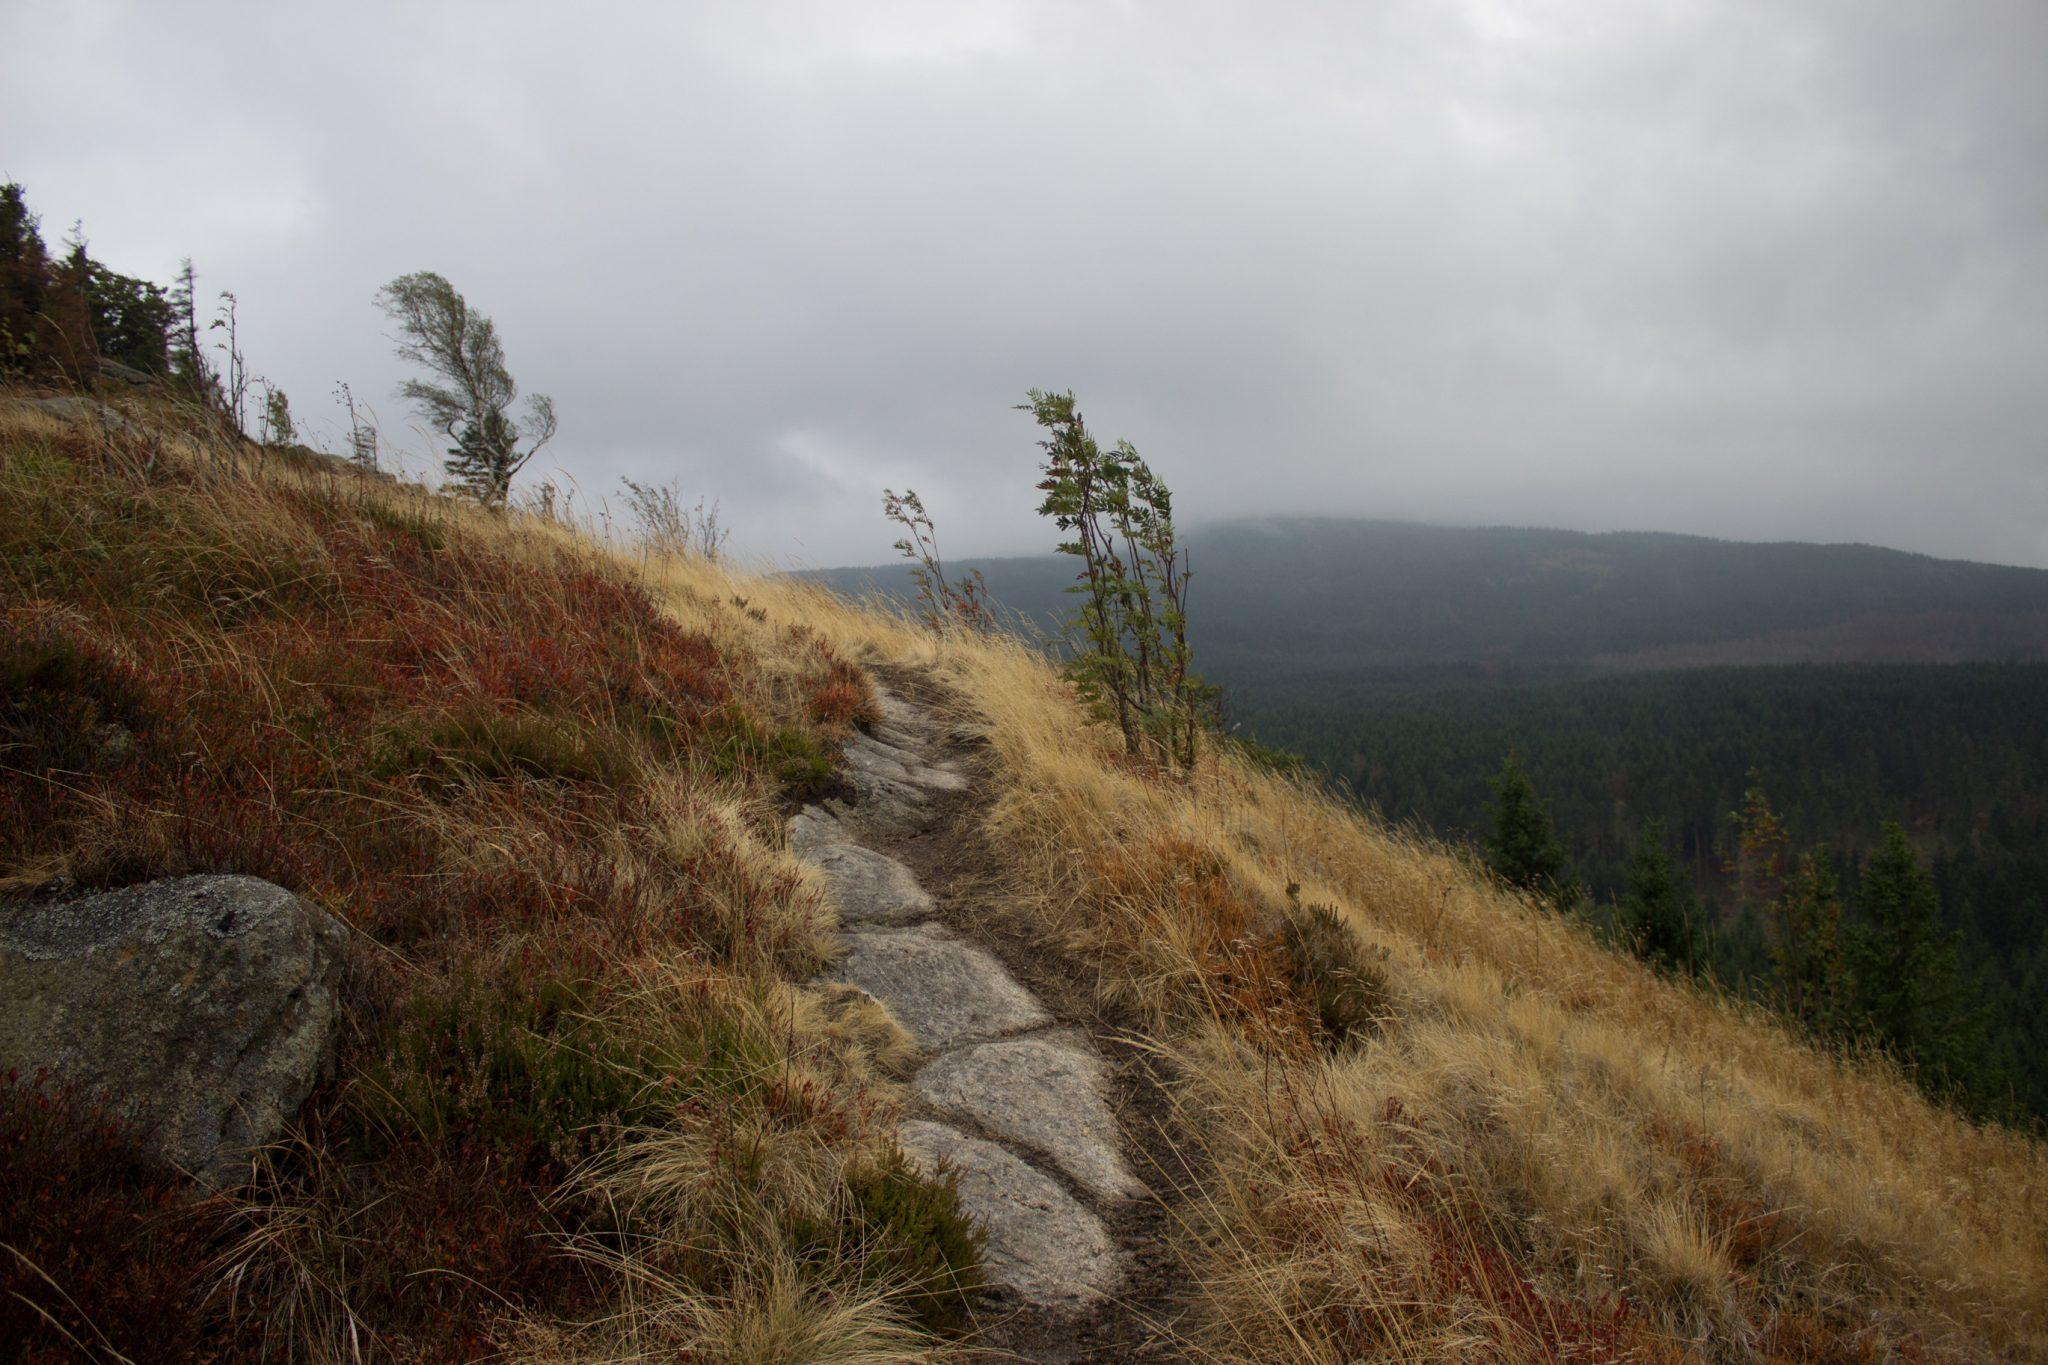 Wanderung Brocken über Heinrich-Heine-Weg Start in Ilsenburg, Nationalpark Harz, schmaler schöner Pfad zum Scharfenstein durch dichten Wald, oben grandiose Aussicht auf den Harz, frischer kühlender Wind